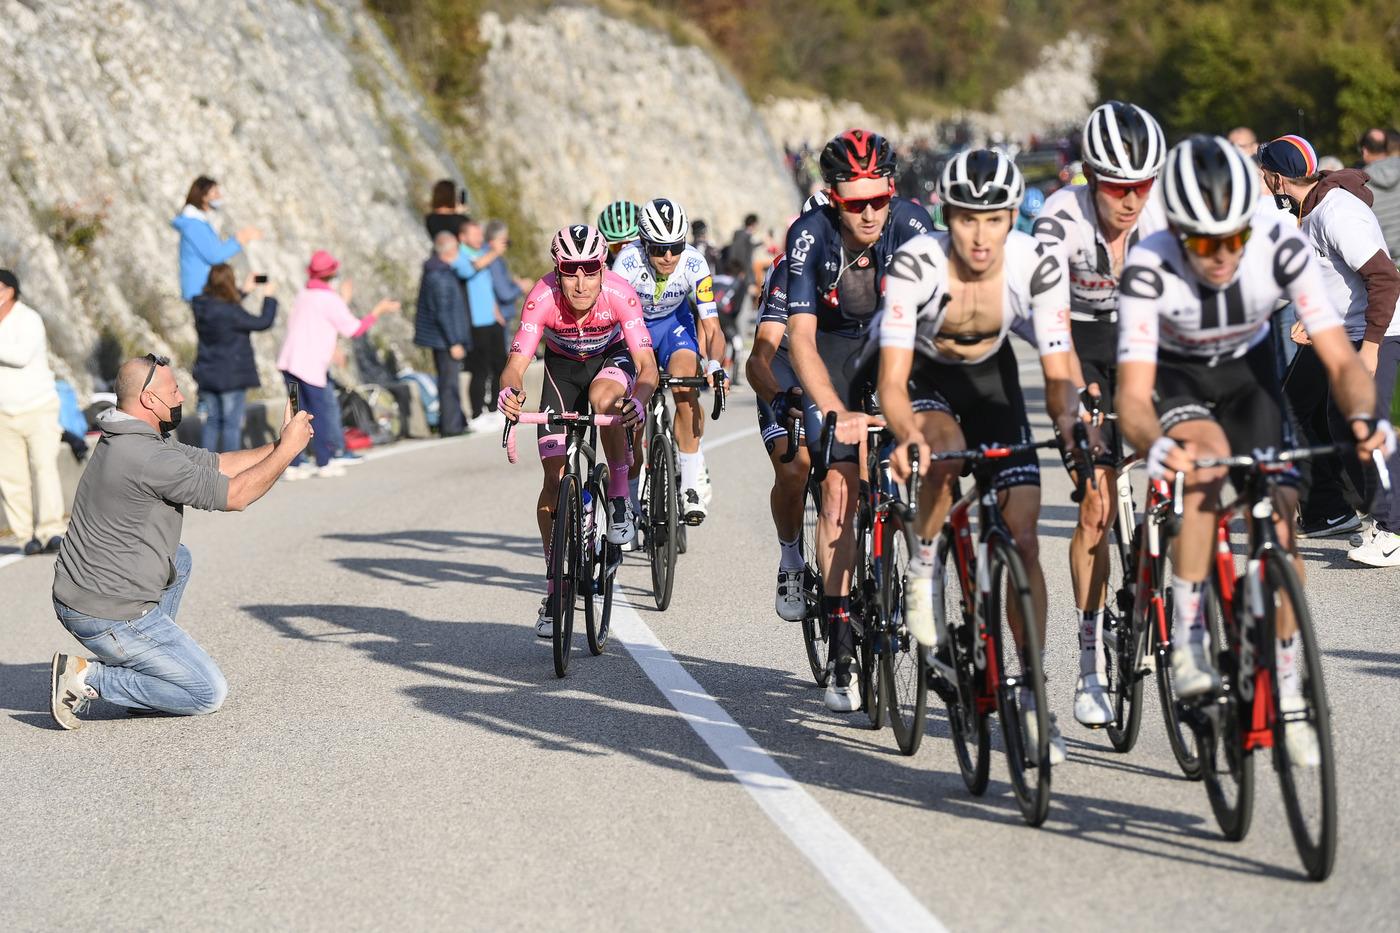 Giro d'Italia 2020 |  terza settimana di fuoco con 4 tapponi  Tutte le salite da scalare |  Stelvio |  Agnello |  Izoard  E l'incognita neve…